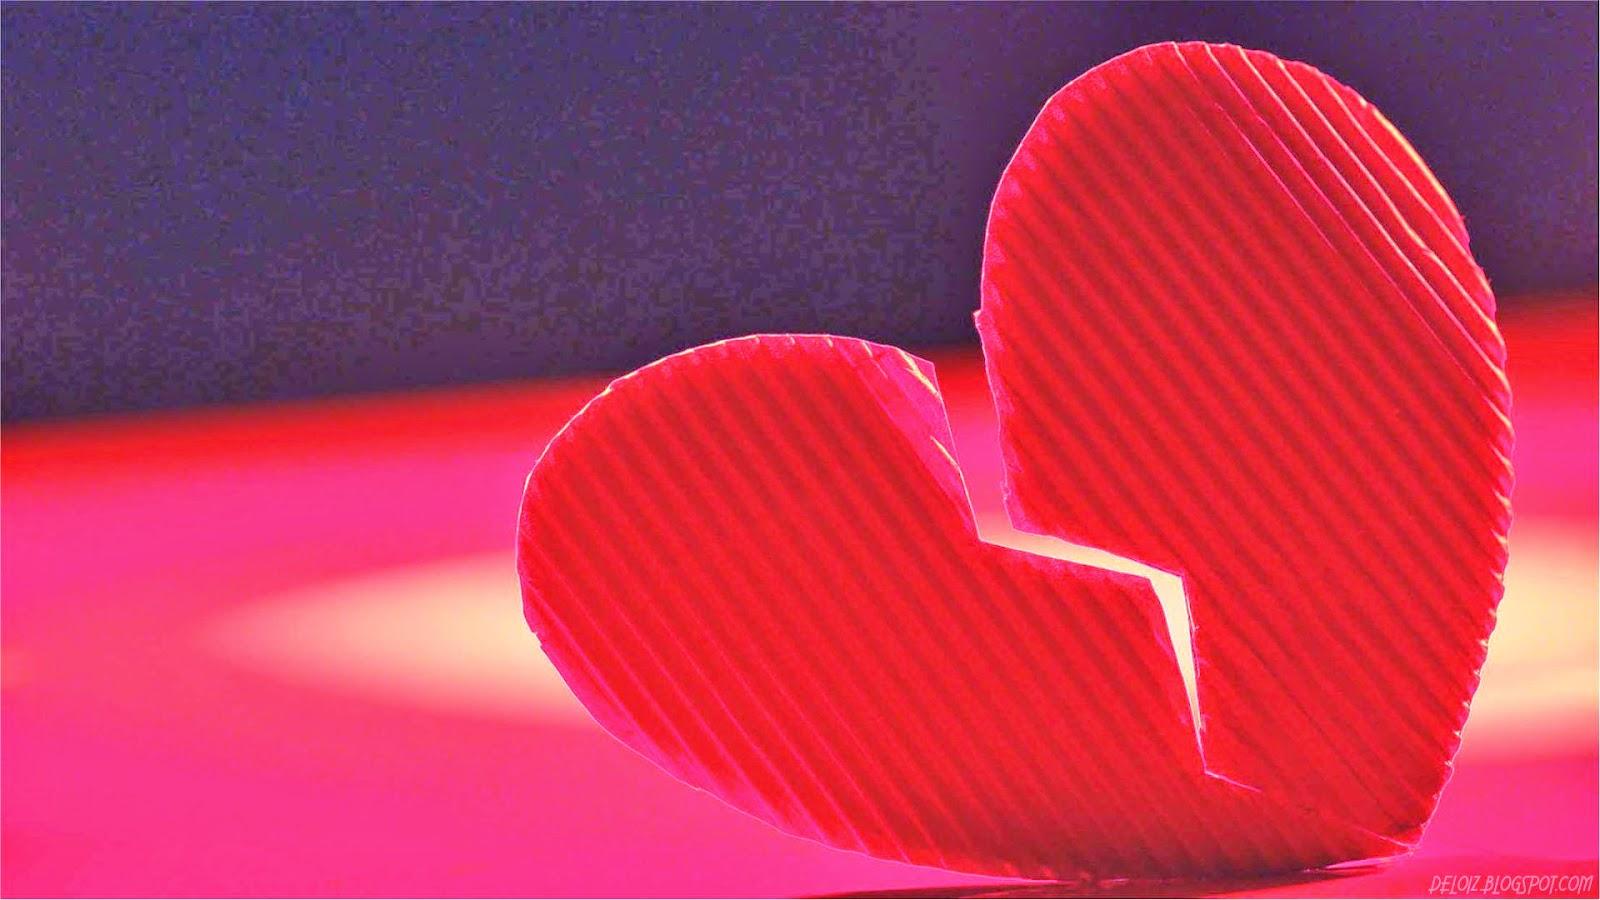 Tazmania Wallpaper Iphone Broken Heart Wallpaper Hd 1080p Deloiz Wallpaper